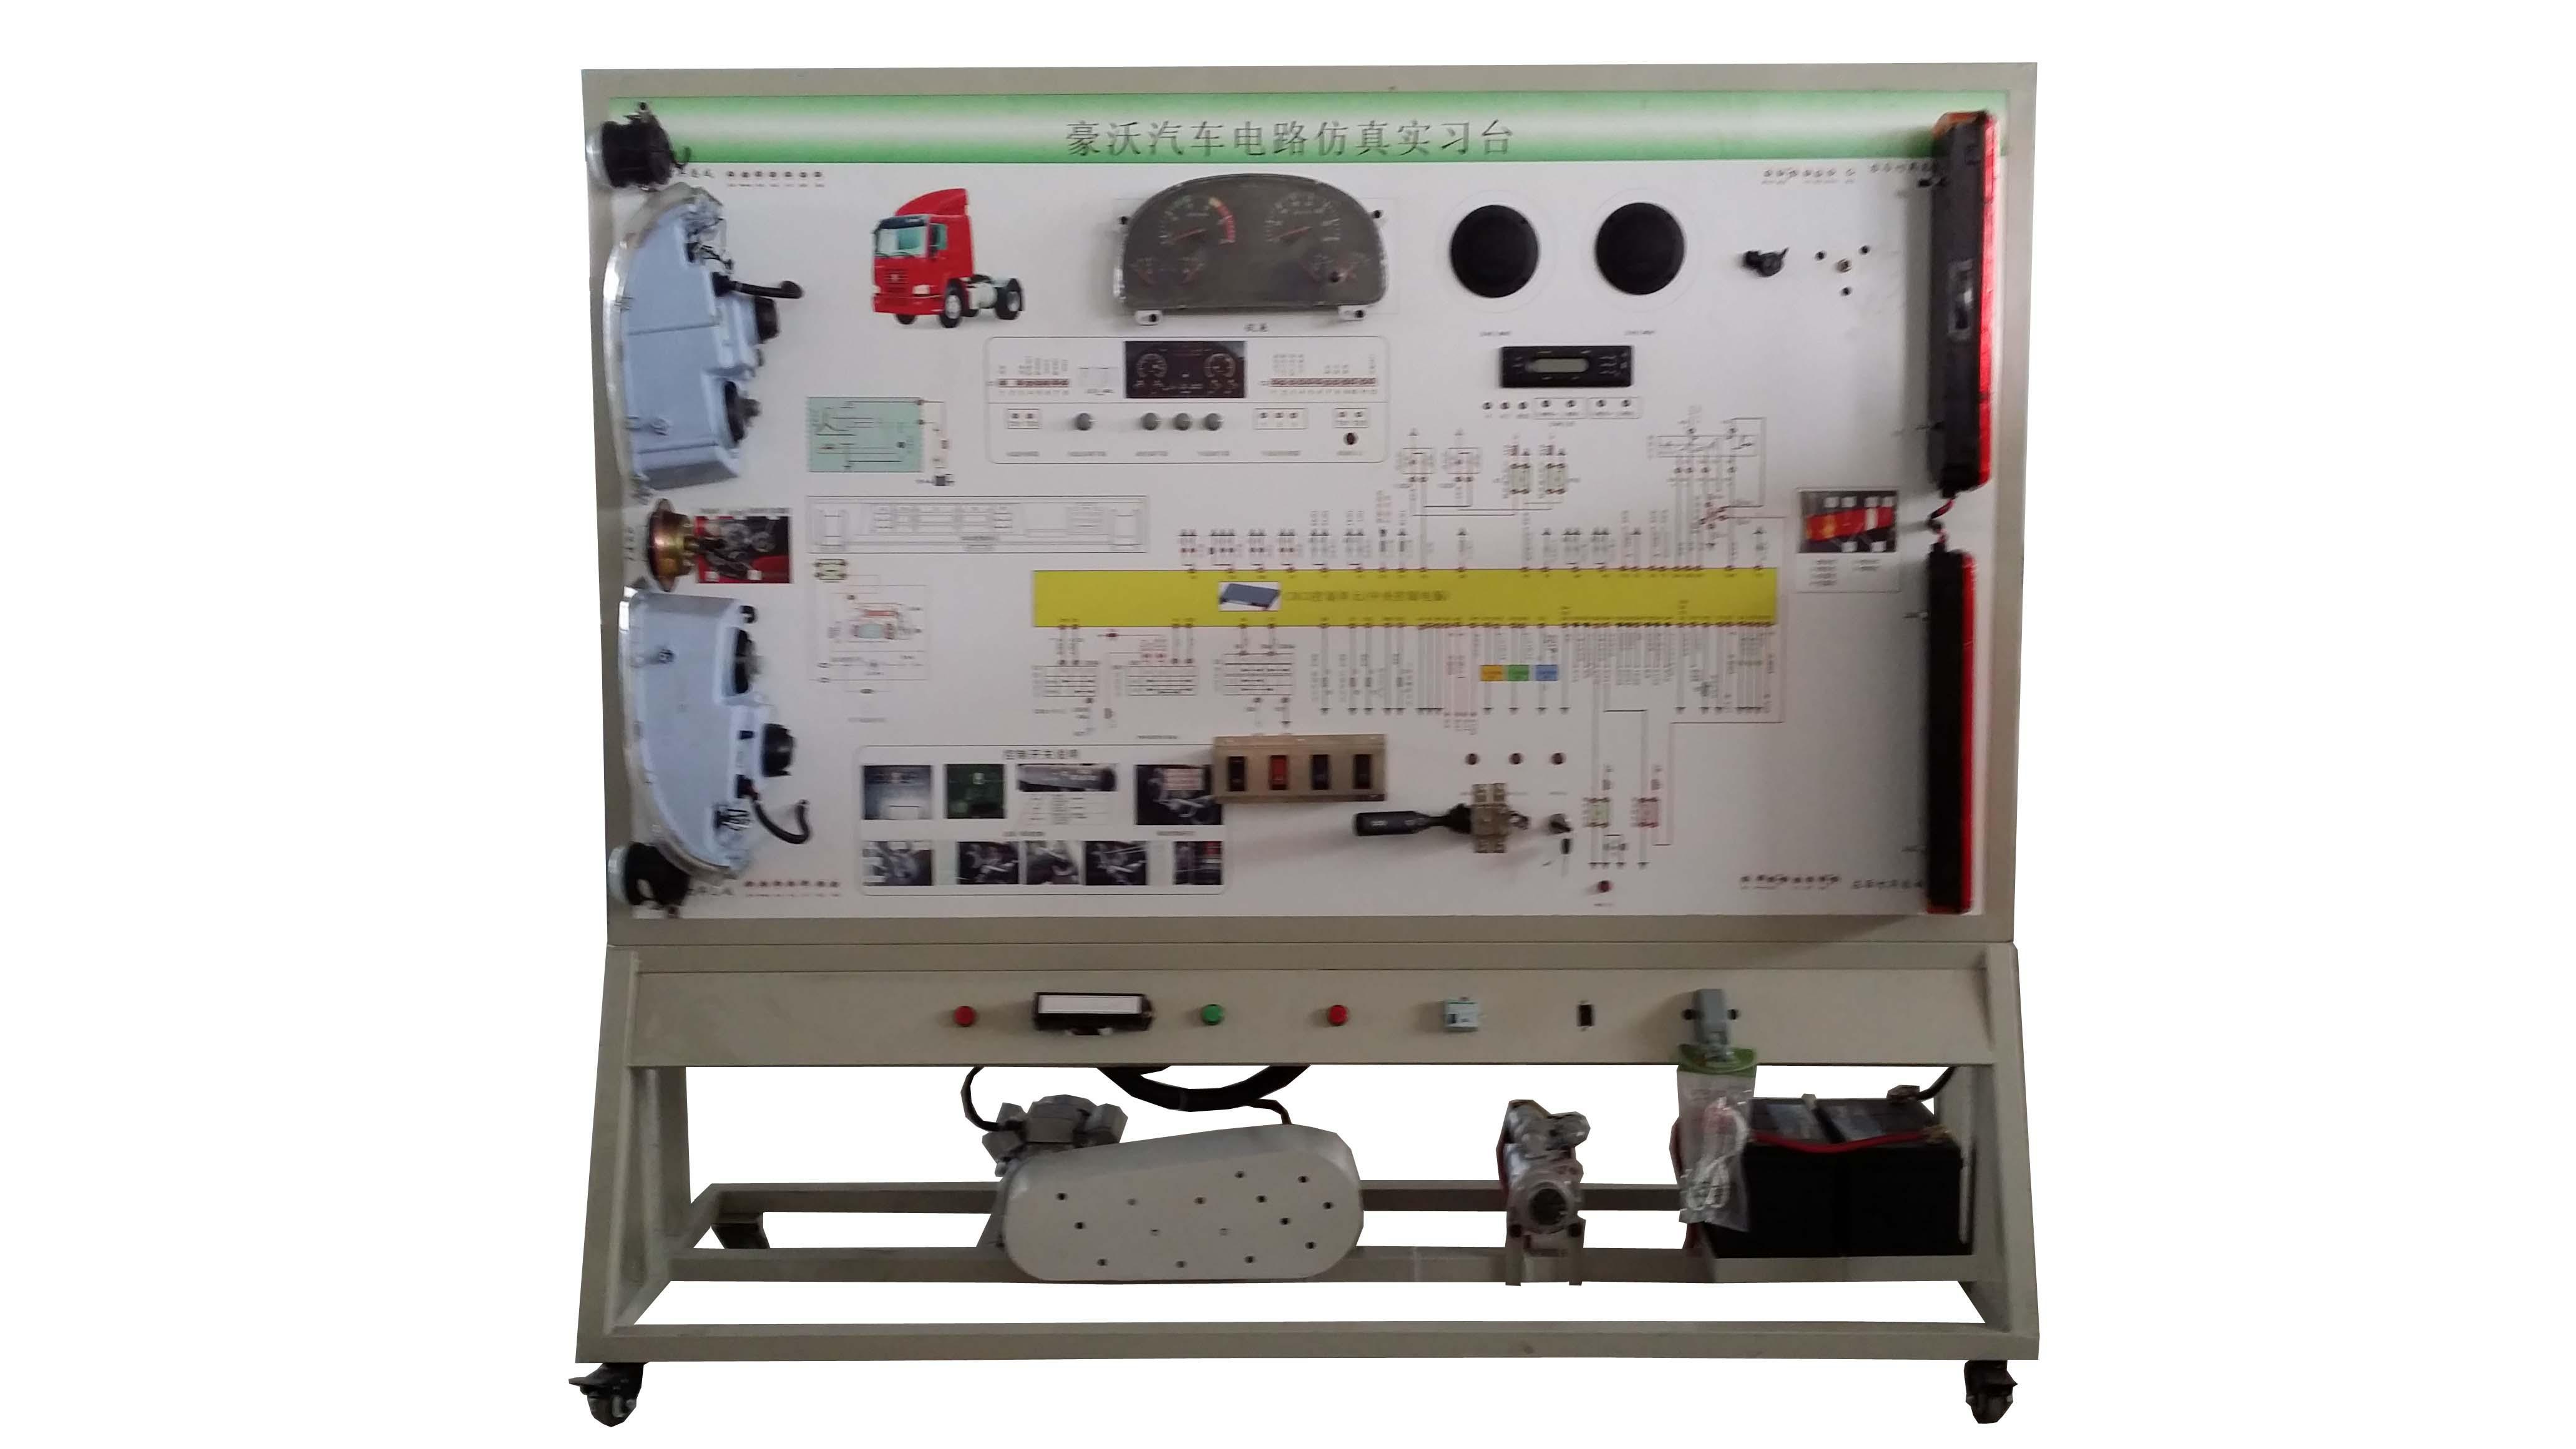 该设备采用全新豪沃柴油机整车电器实物为基础,充分展示汽车仪表系统、灯光系统、雨刮系统、喇叭系统、发动机电器系统、起动系统和充电系统等汽车电器各系统的组成结构和工作过程。 适用于学校对整车电器理论和维修实训的教学需要。 本设备满足汽车职业教育的五个对接十个衔接的教学需要。 二、豪沃汽车电路仿真实习台功能特点 1.